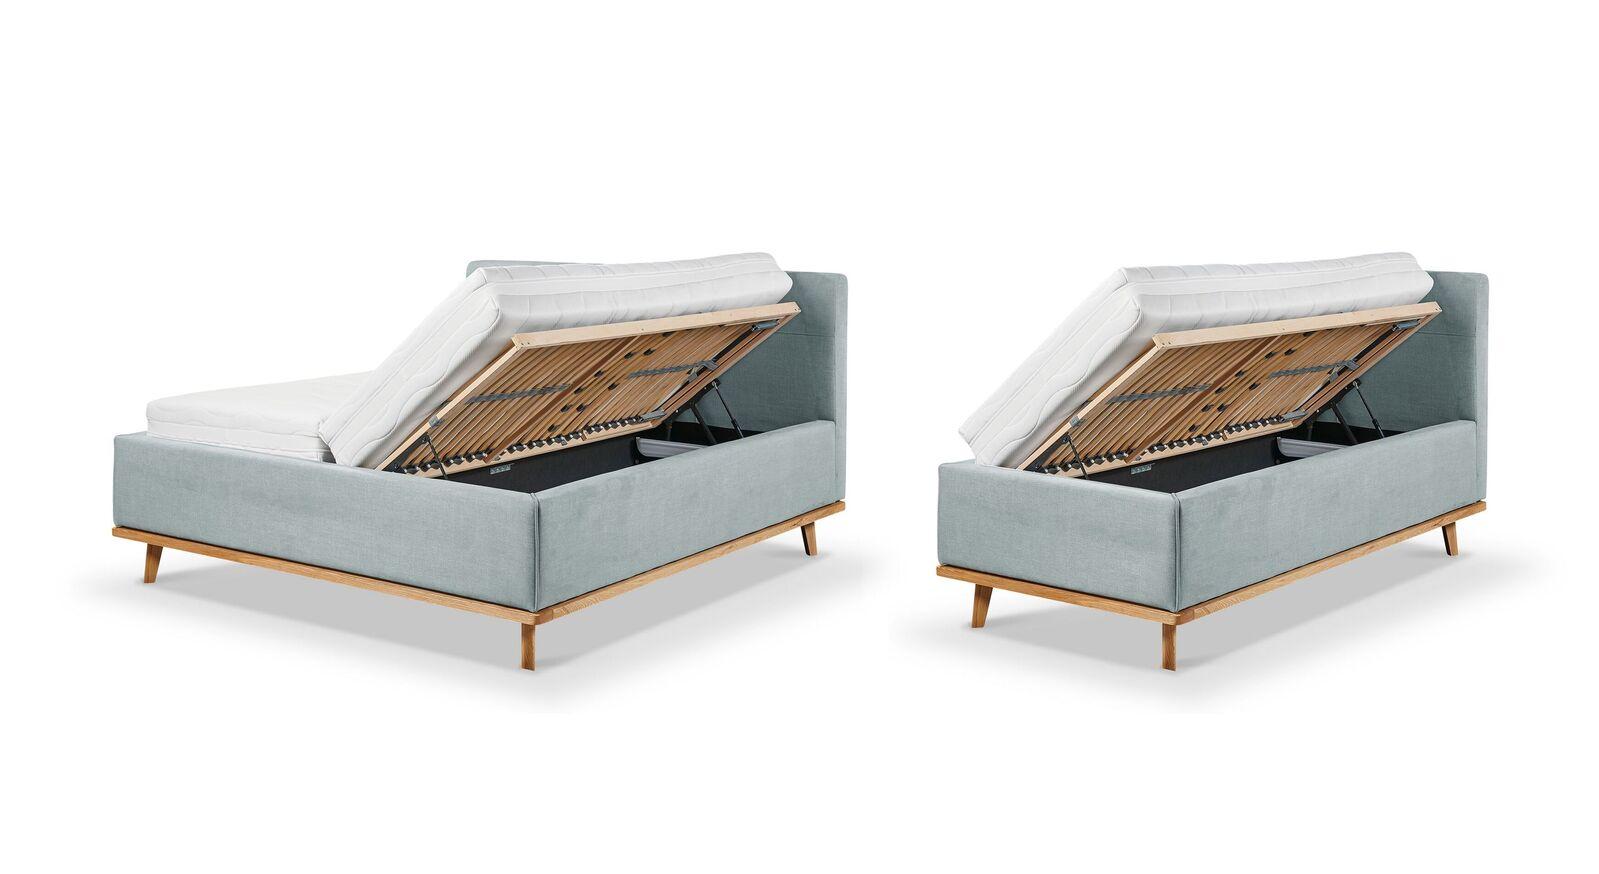 Varianten der Bettkasten-Öffnungen für Polsterbett Delphi